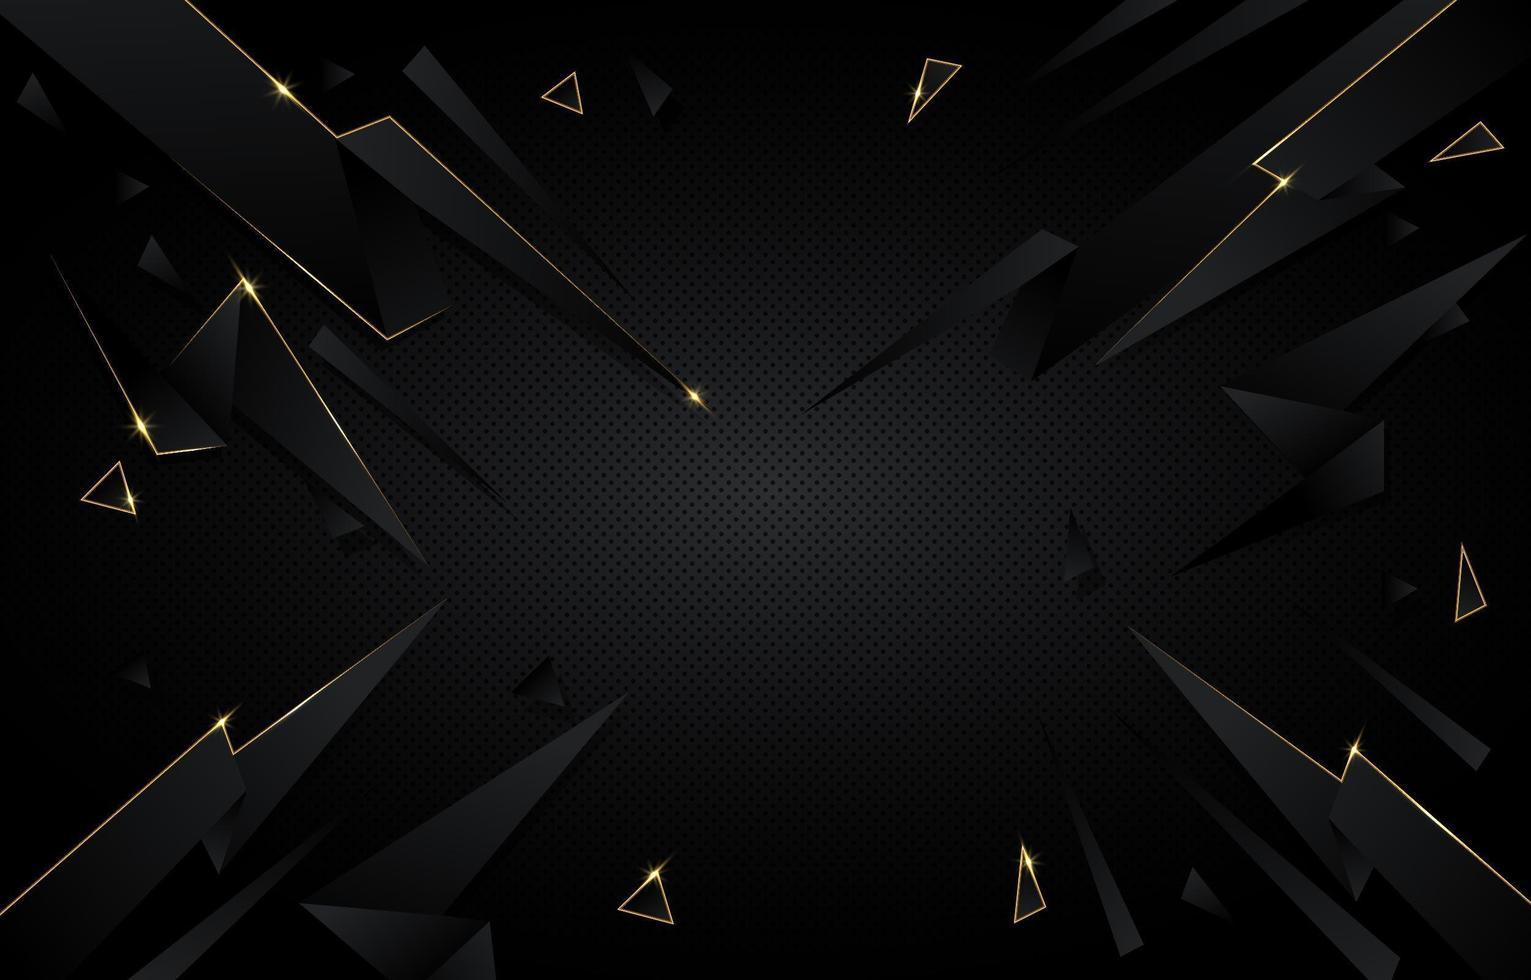 abstrakt svart och guld polygonal bakgrund vektor